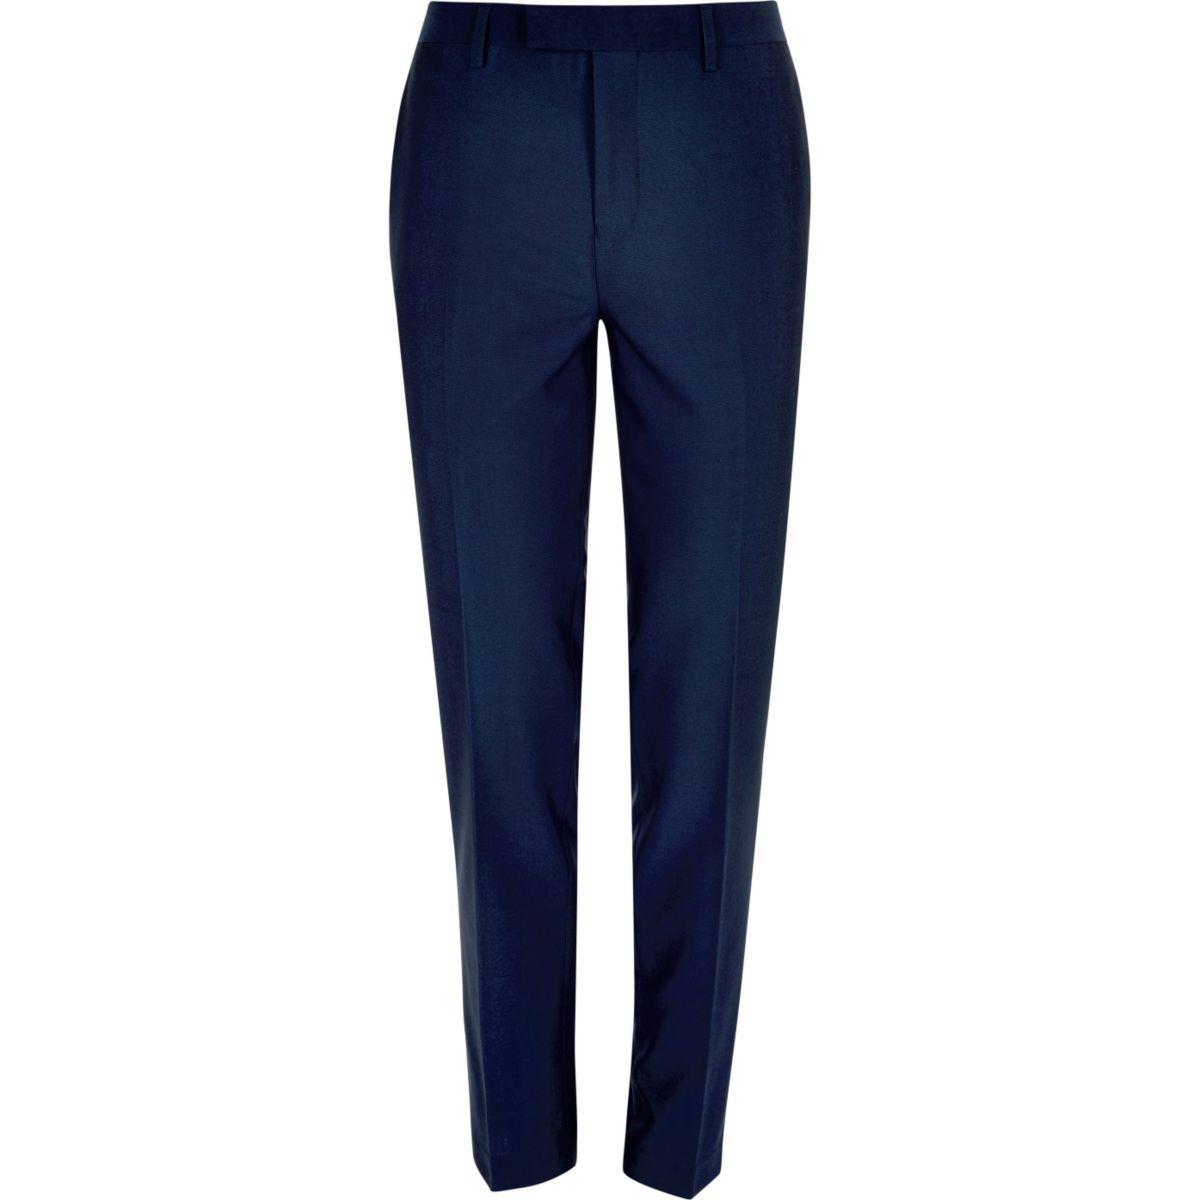 Bright blue slim suit pants